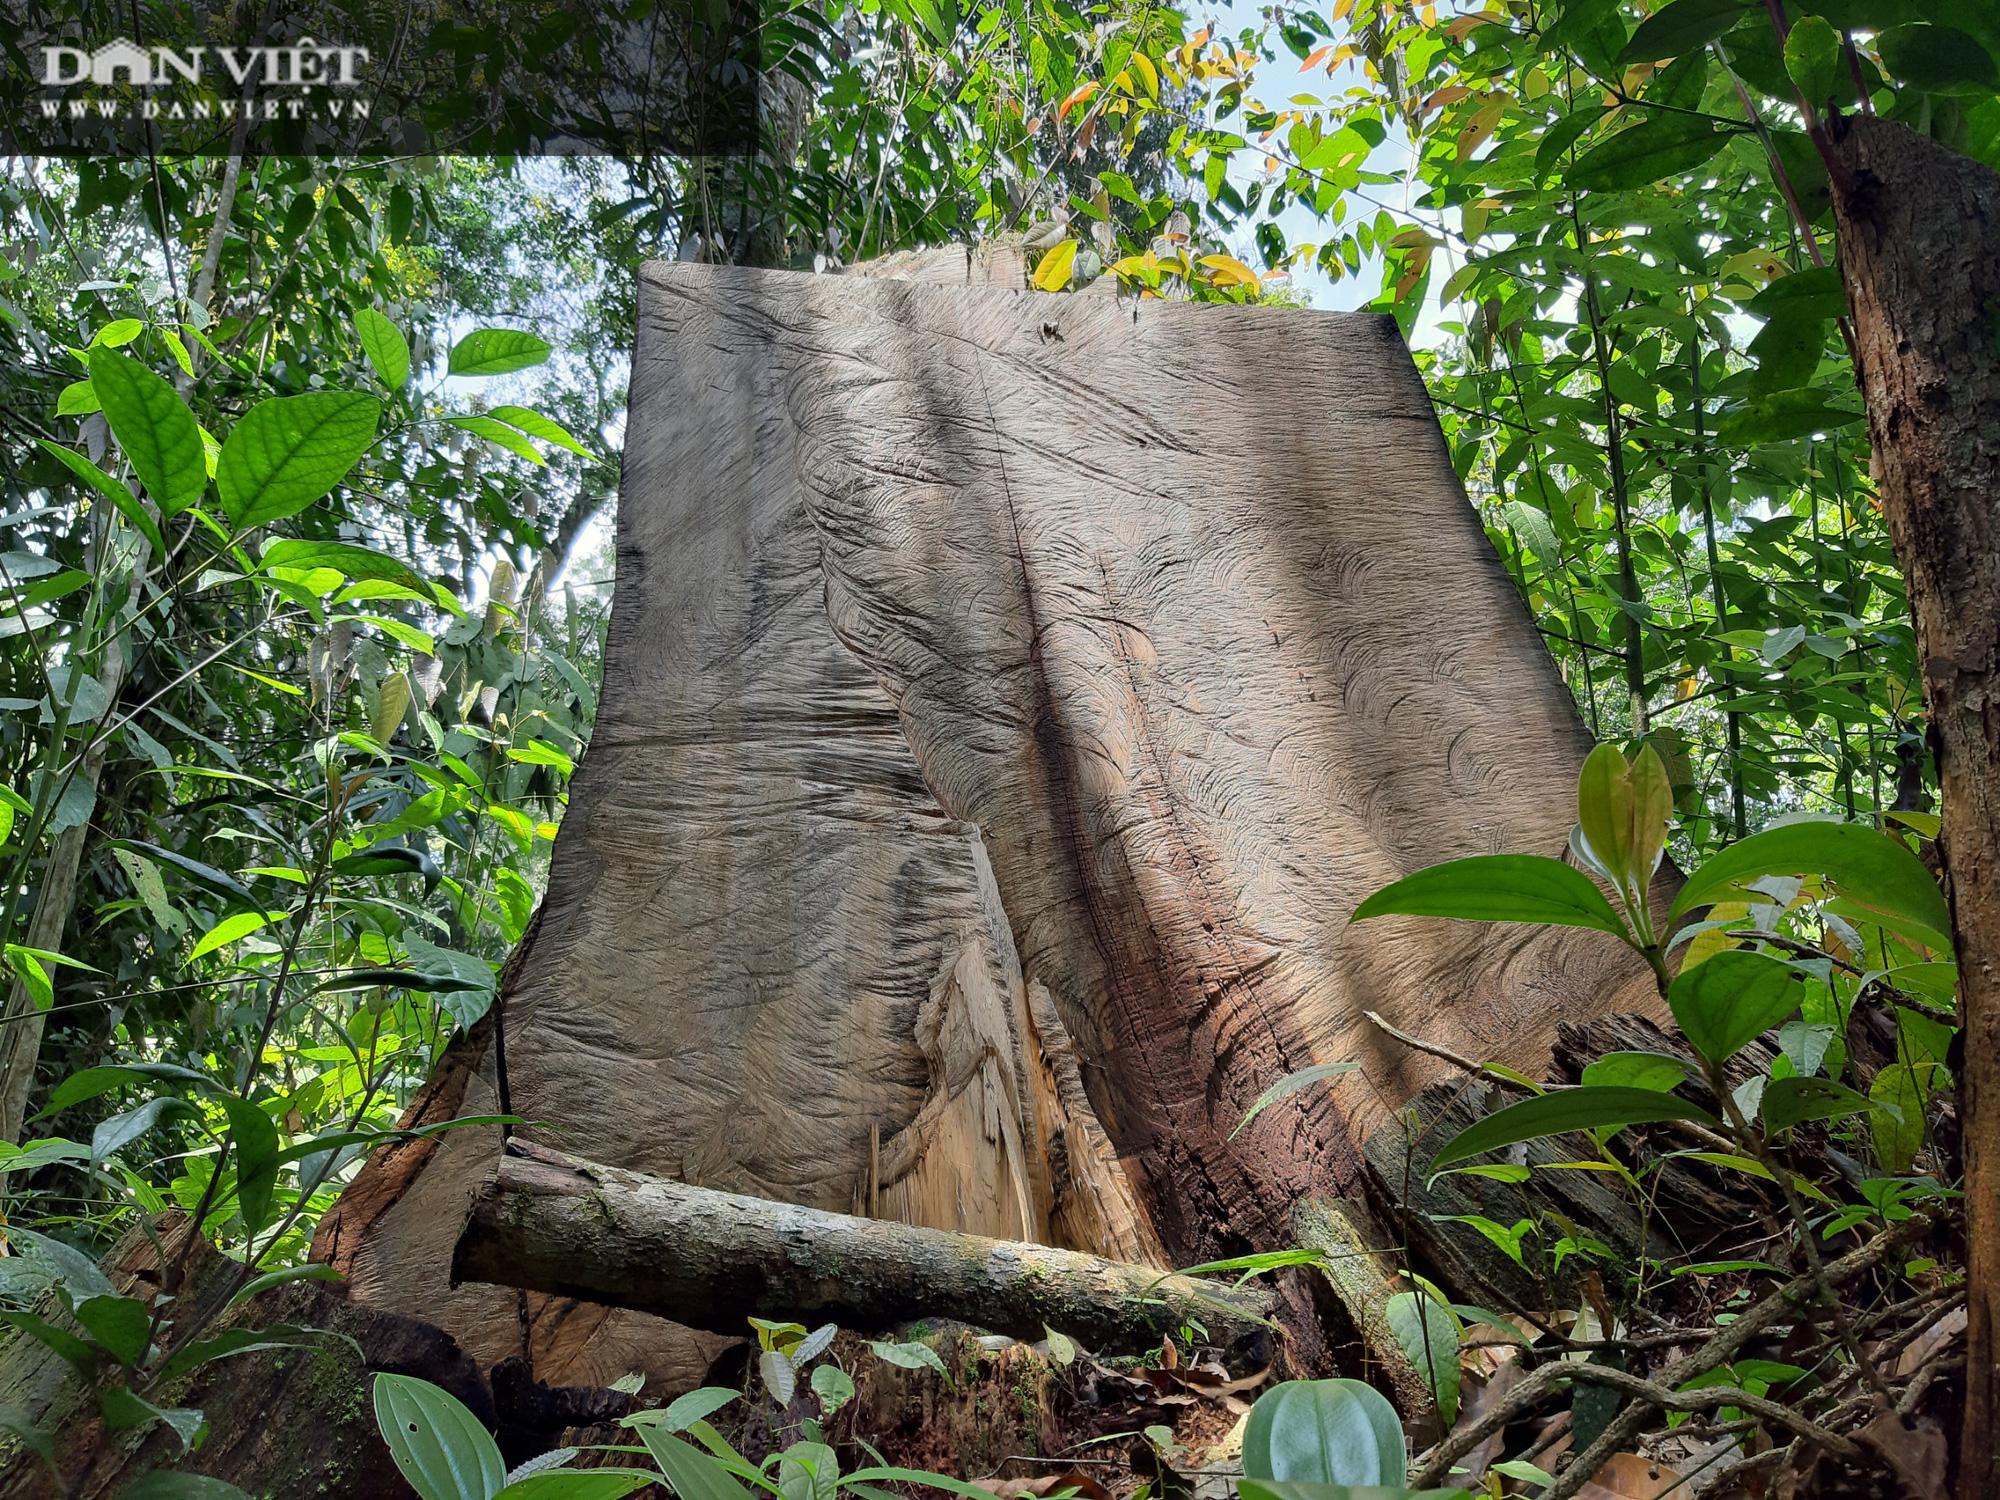 Video điều tra: Gỗ pơ mu từ rừng xanh đến tổng kho buôn gỗ - Ảnh 2.